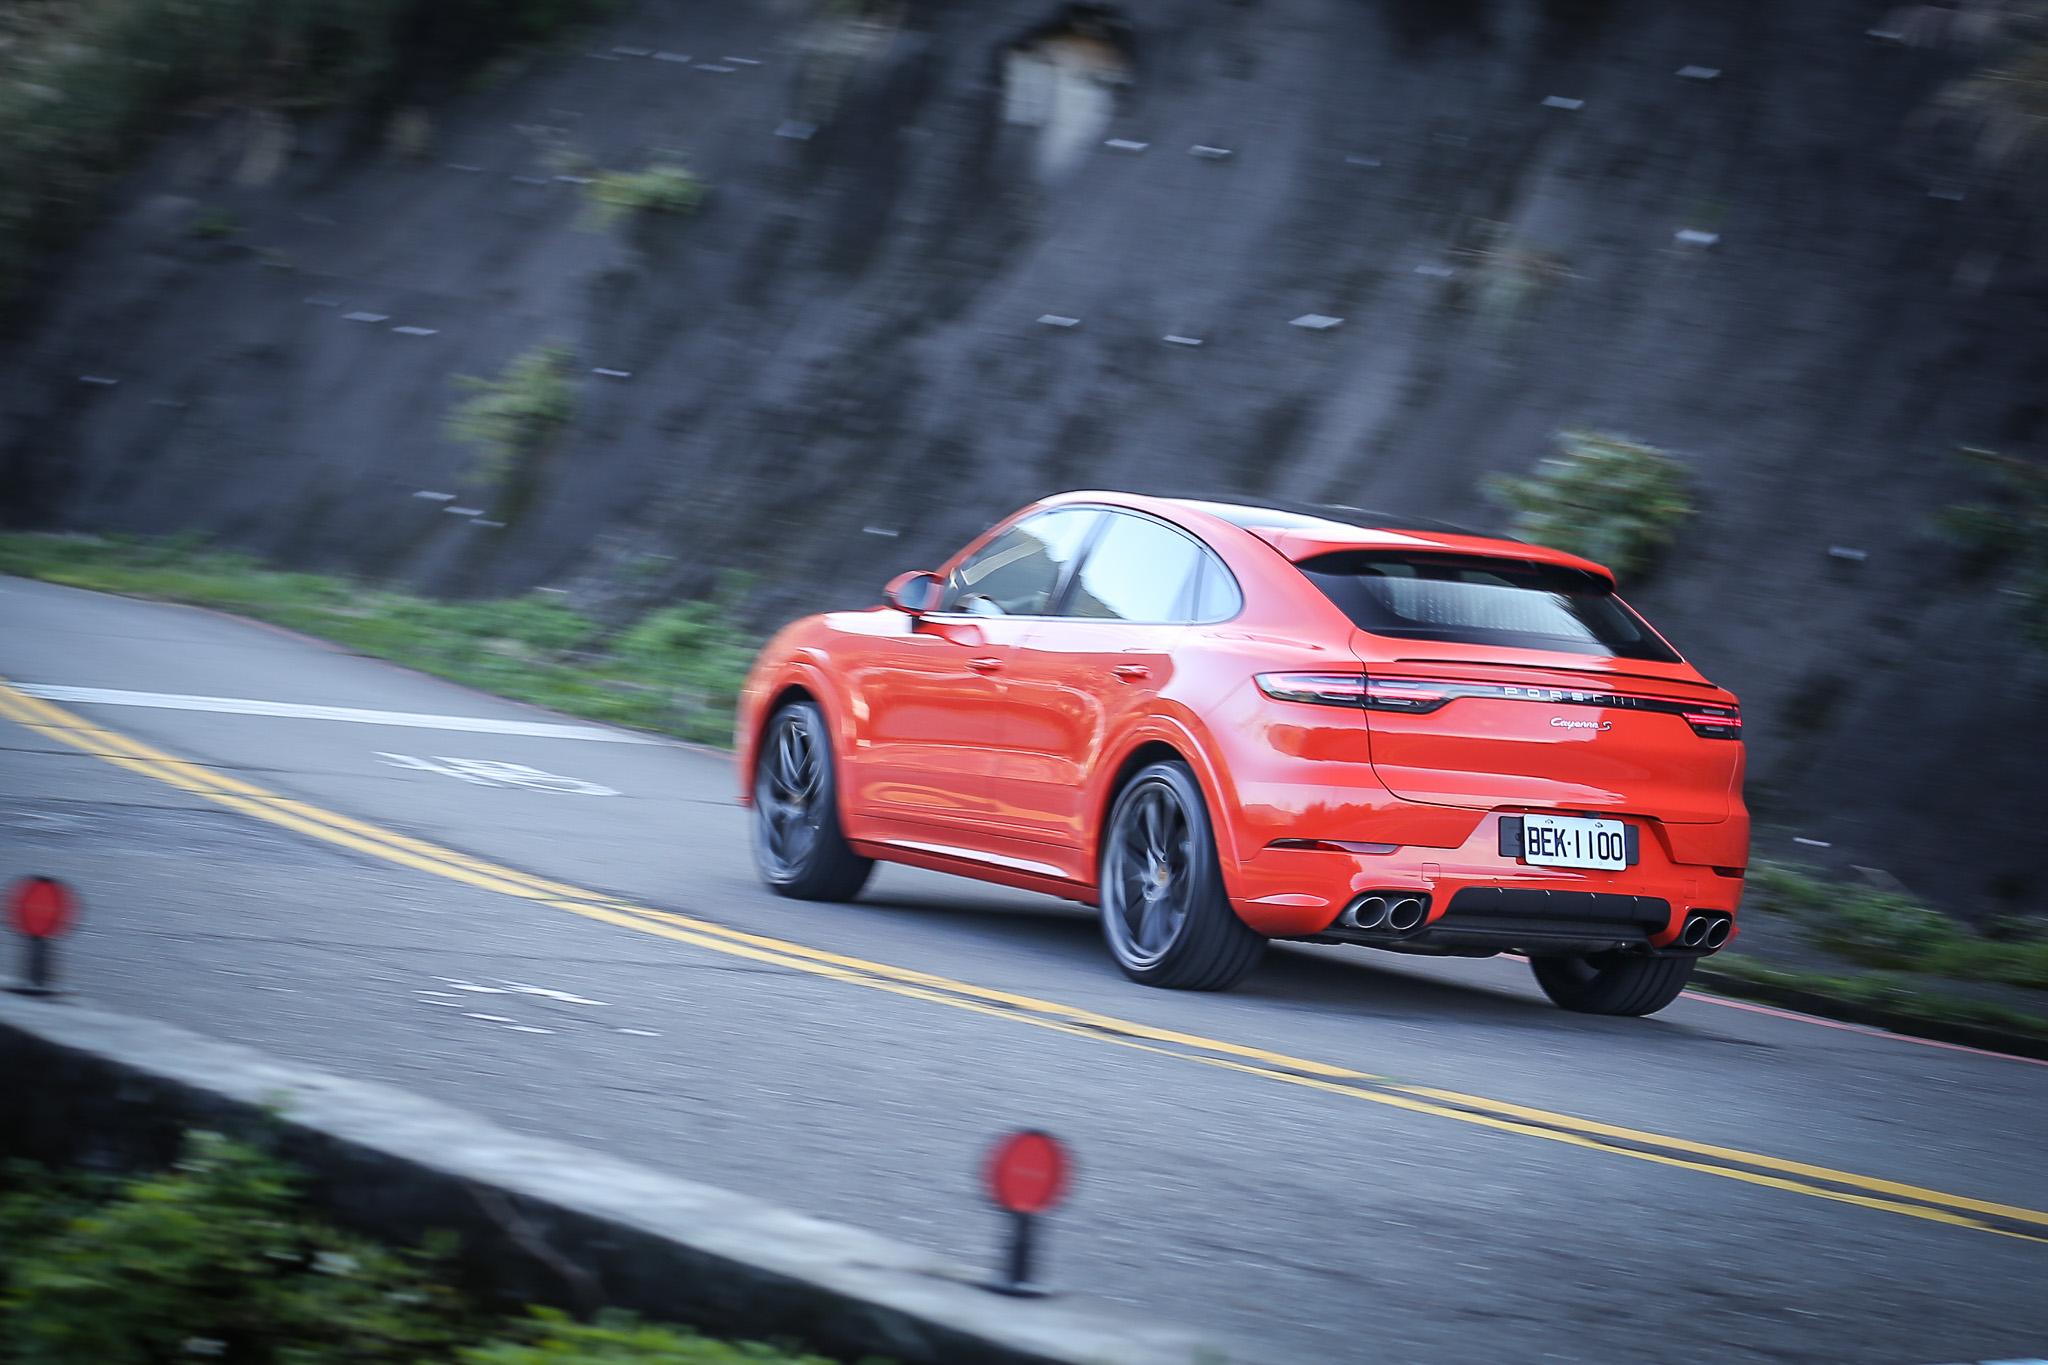 額外加選的輕量化跑車套件,換上碳纖維車頂結構,但整體的車重加上拉高的底盤,在山路上仍需要奮力與彎道 G 力對抗。